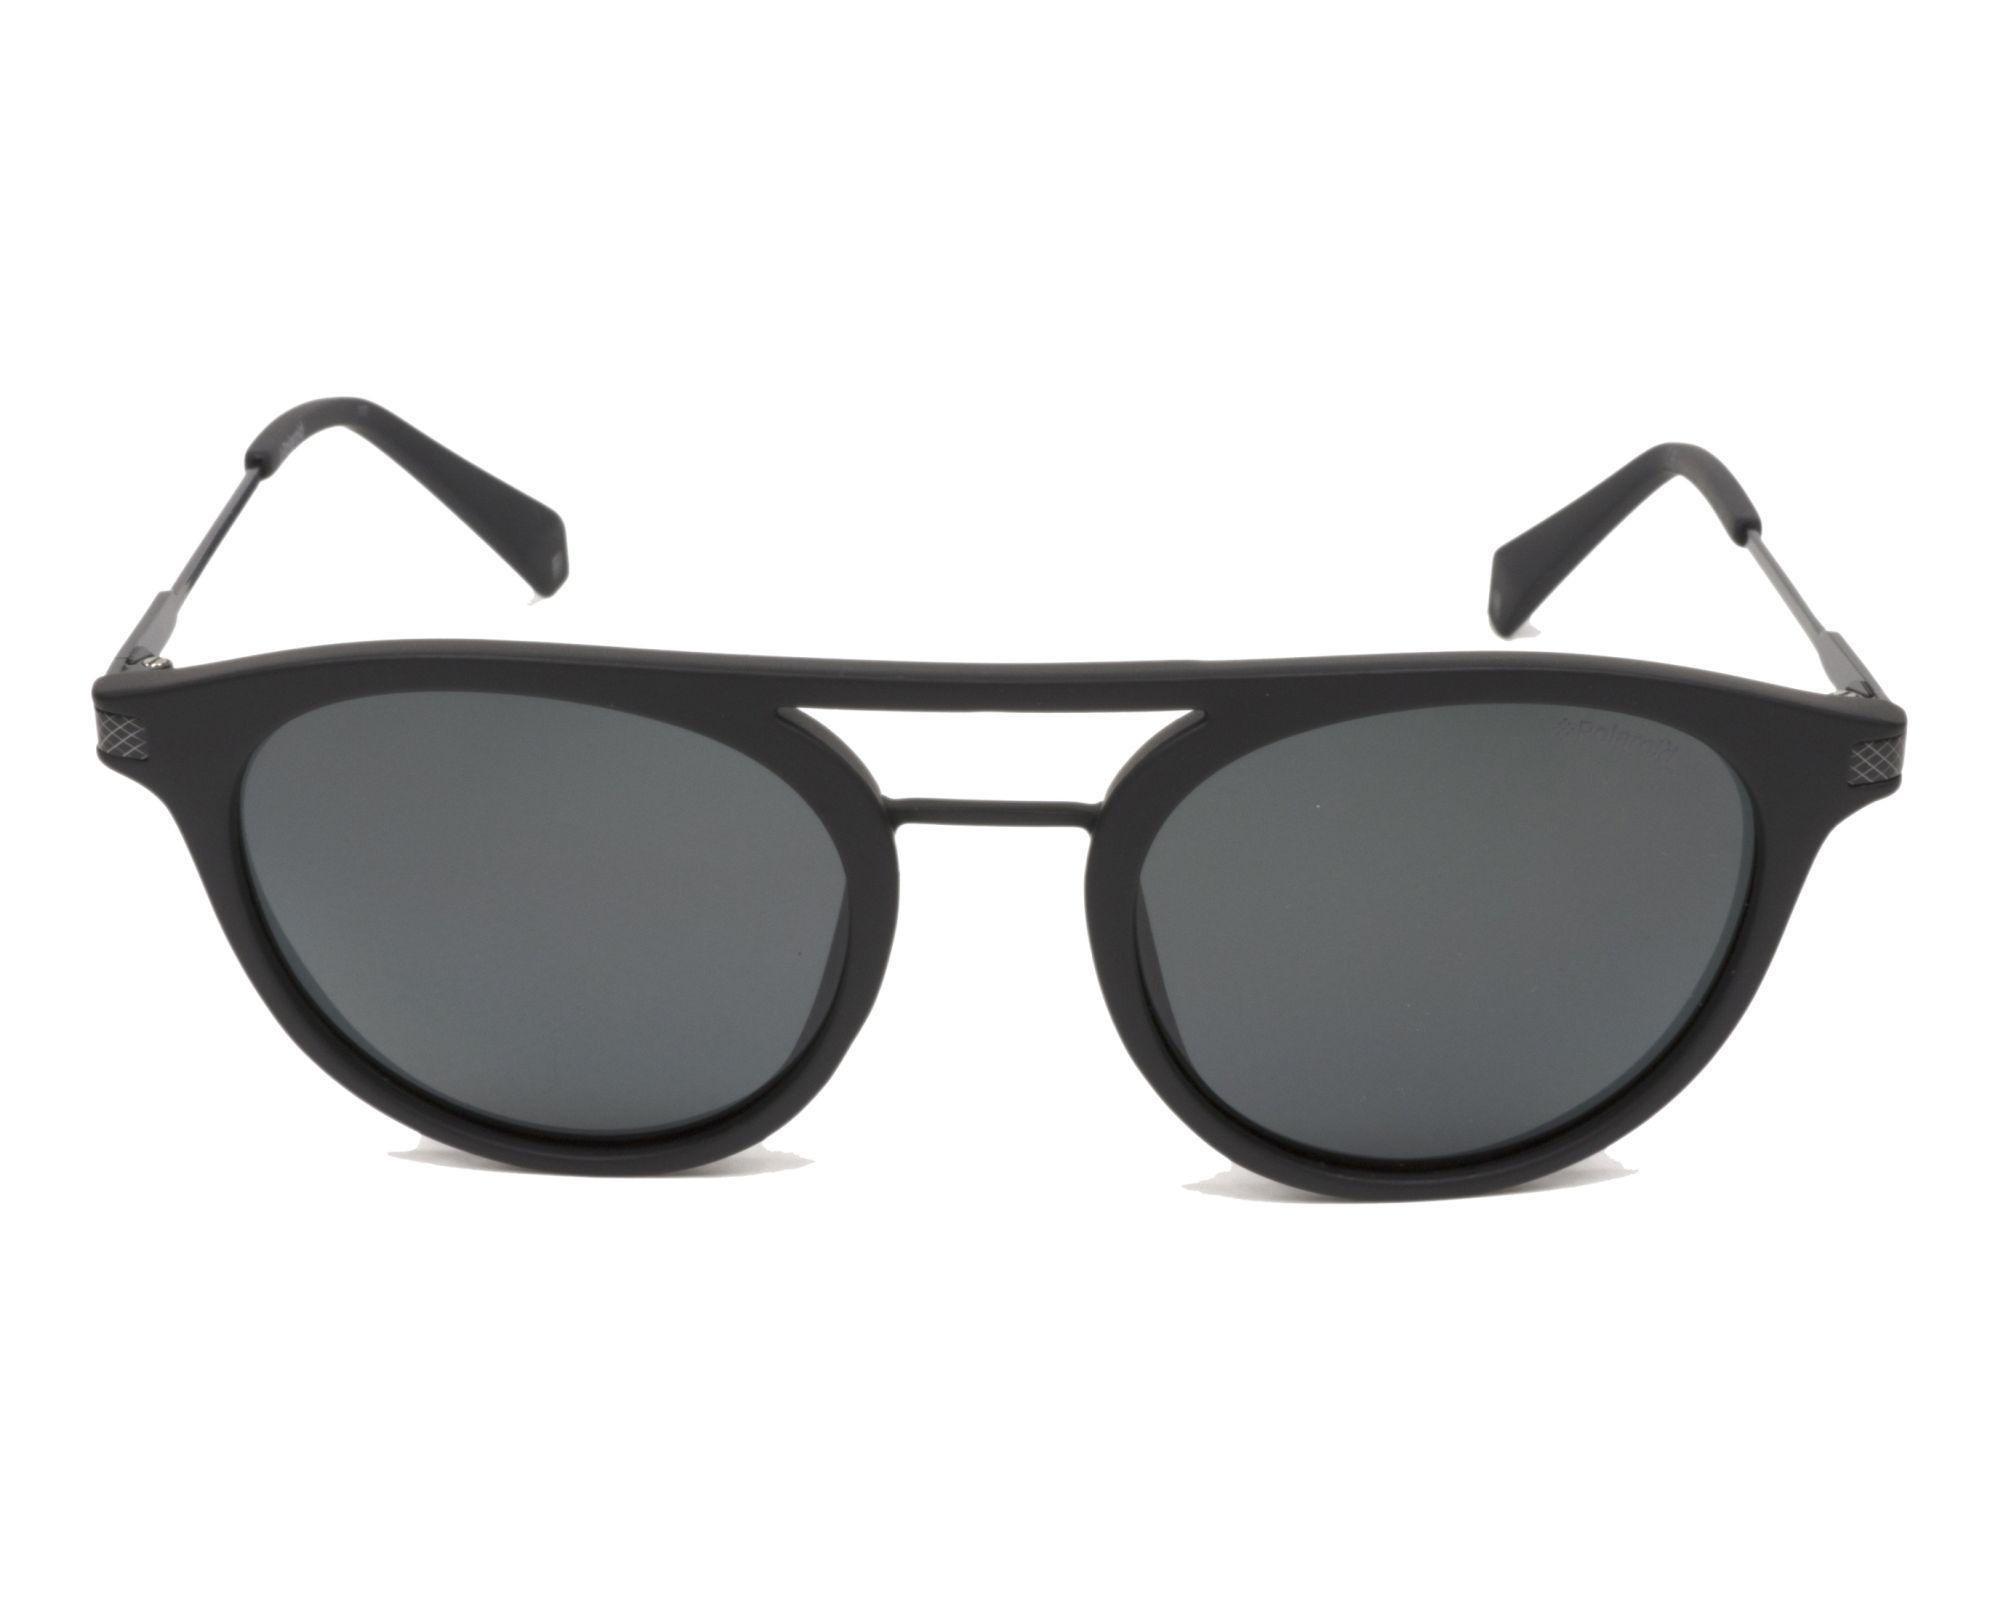 09628d2dc thumbnail Sunglasses Polaroid PLD-2061-S 003/M9 - Black Black front view